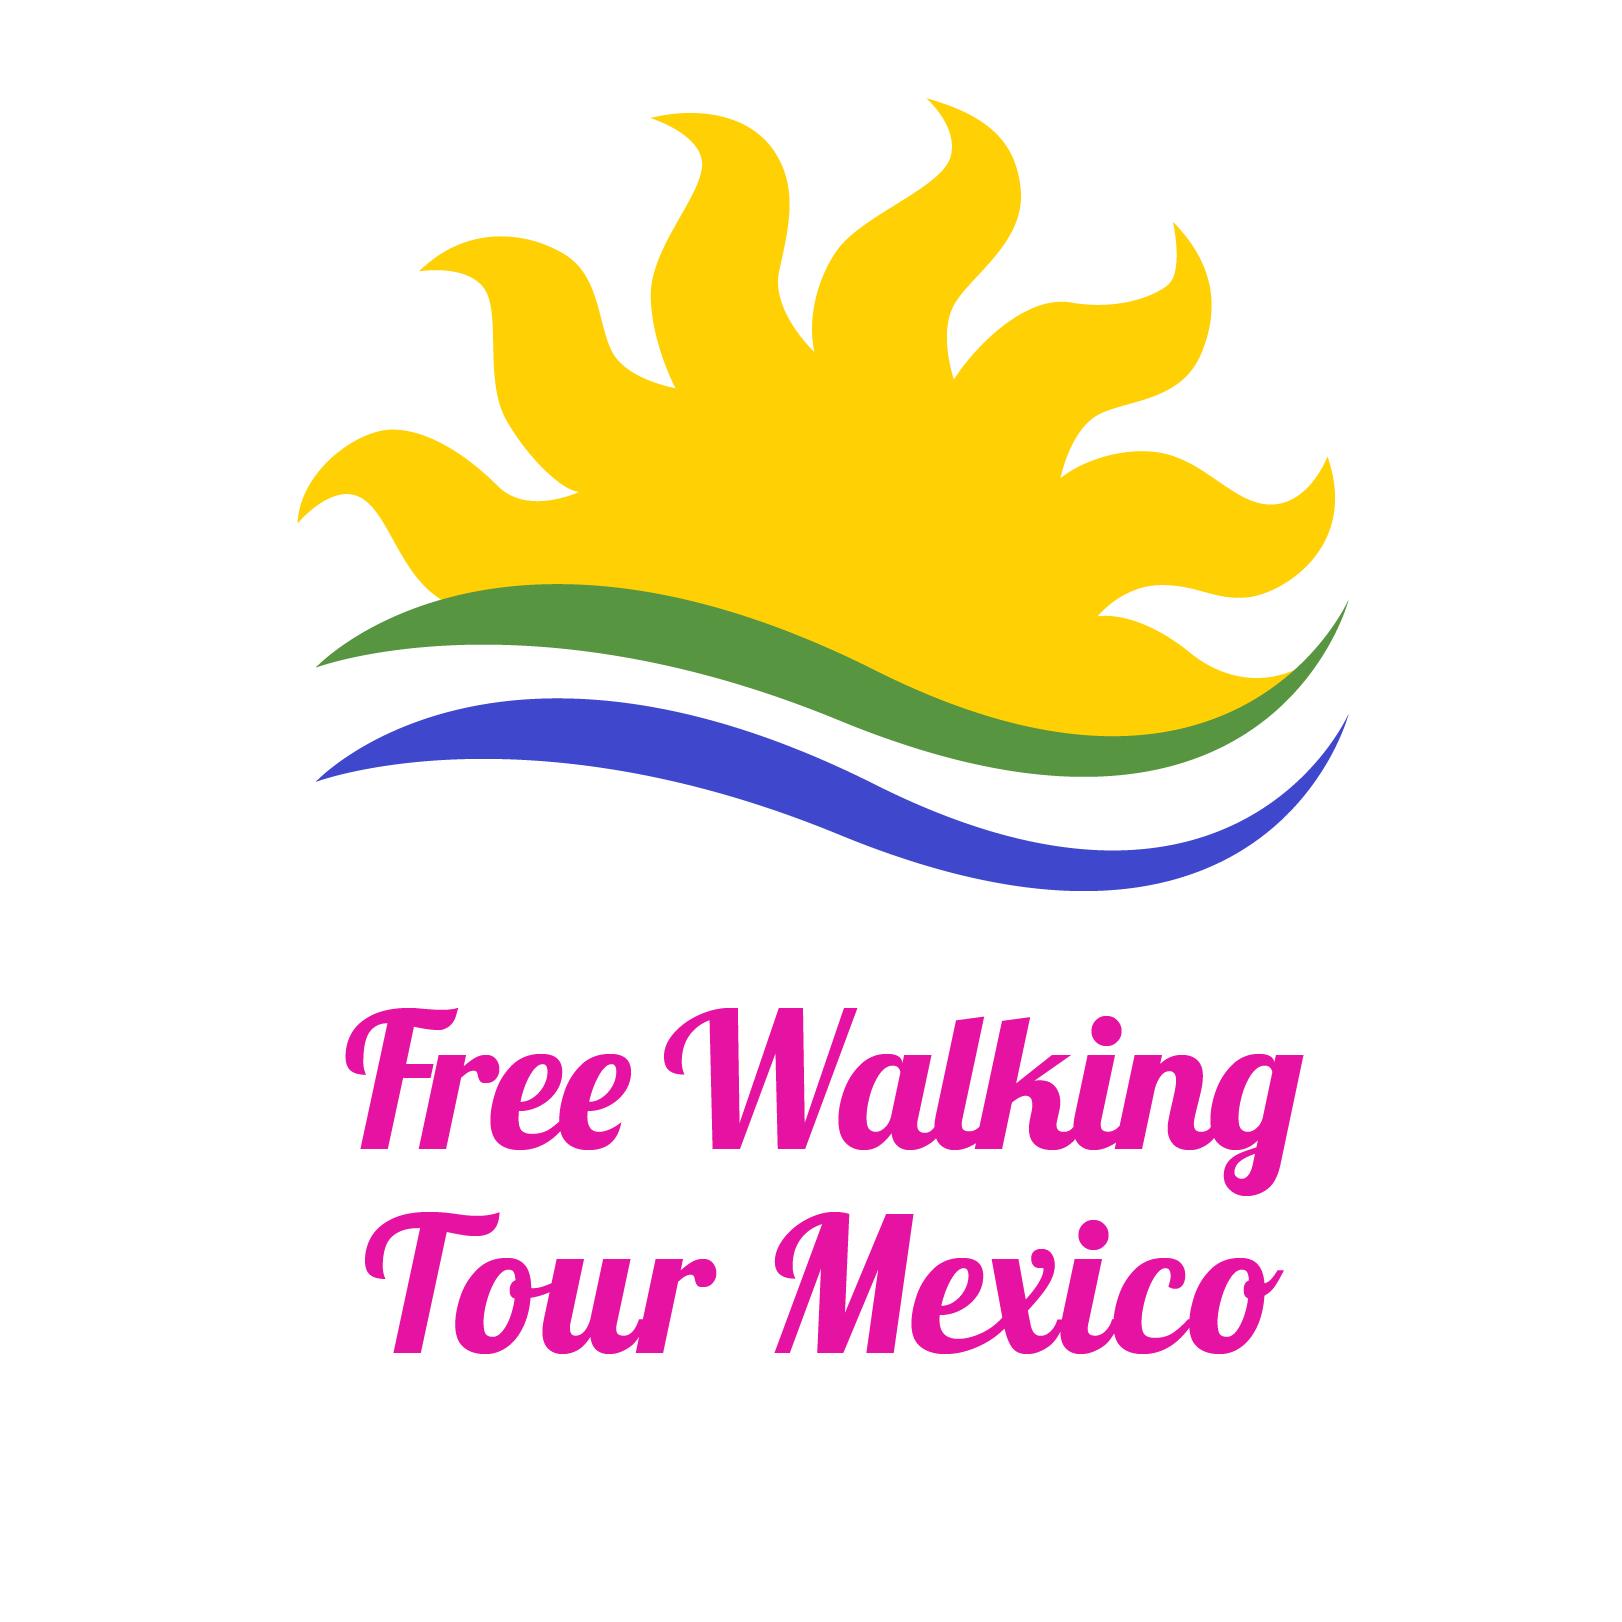 walking tour mexico